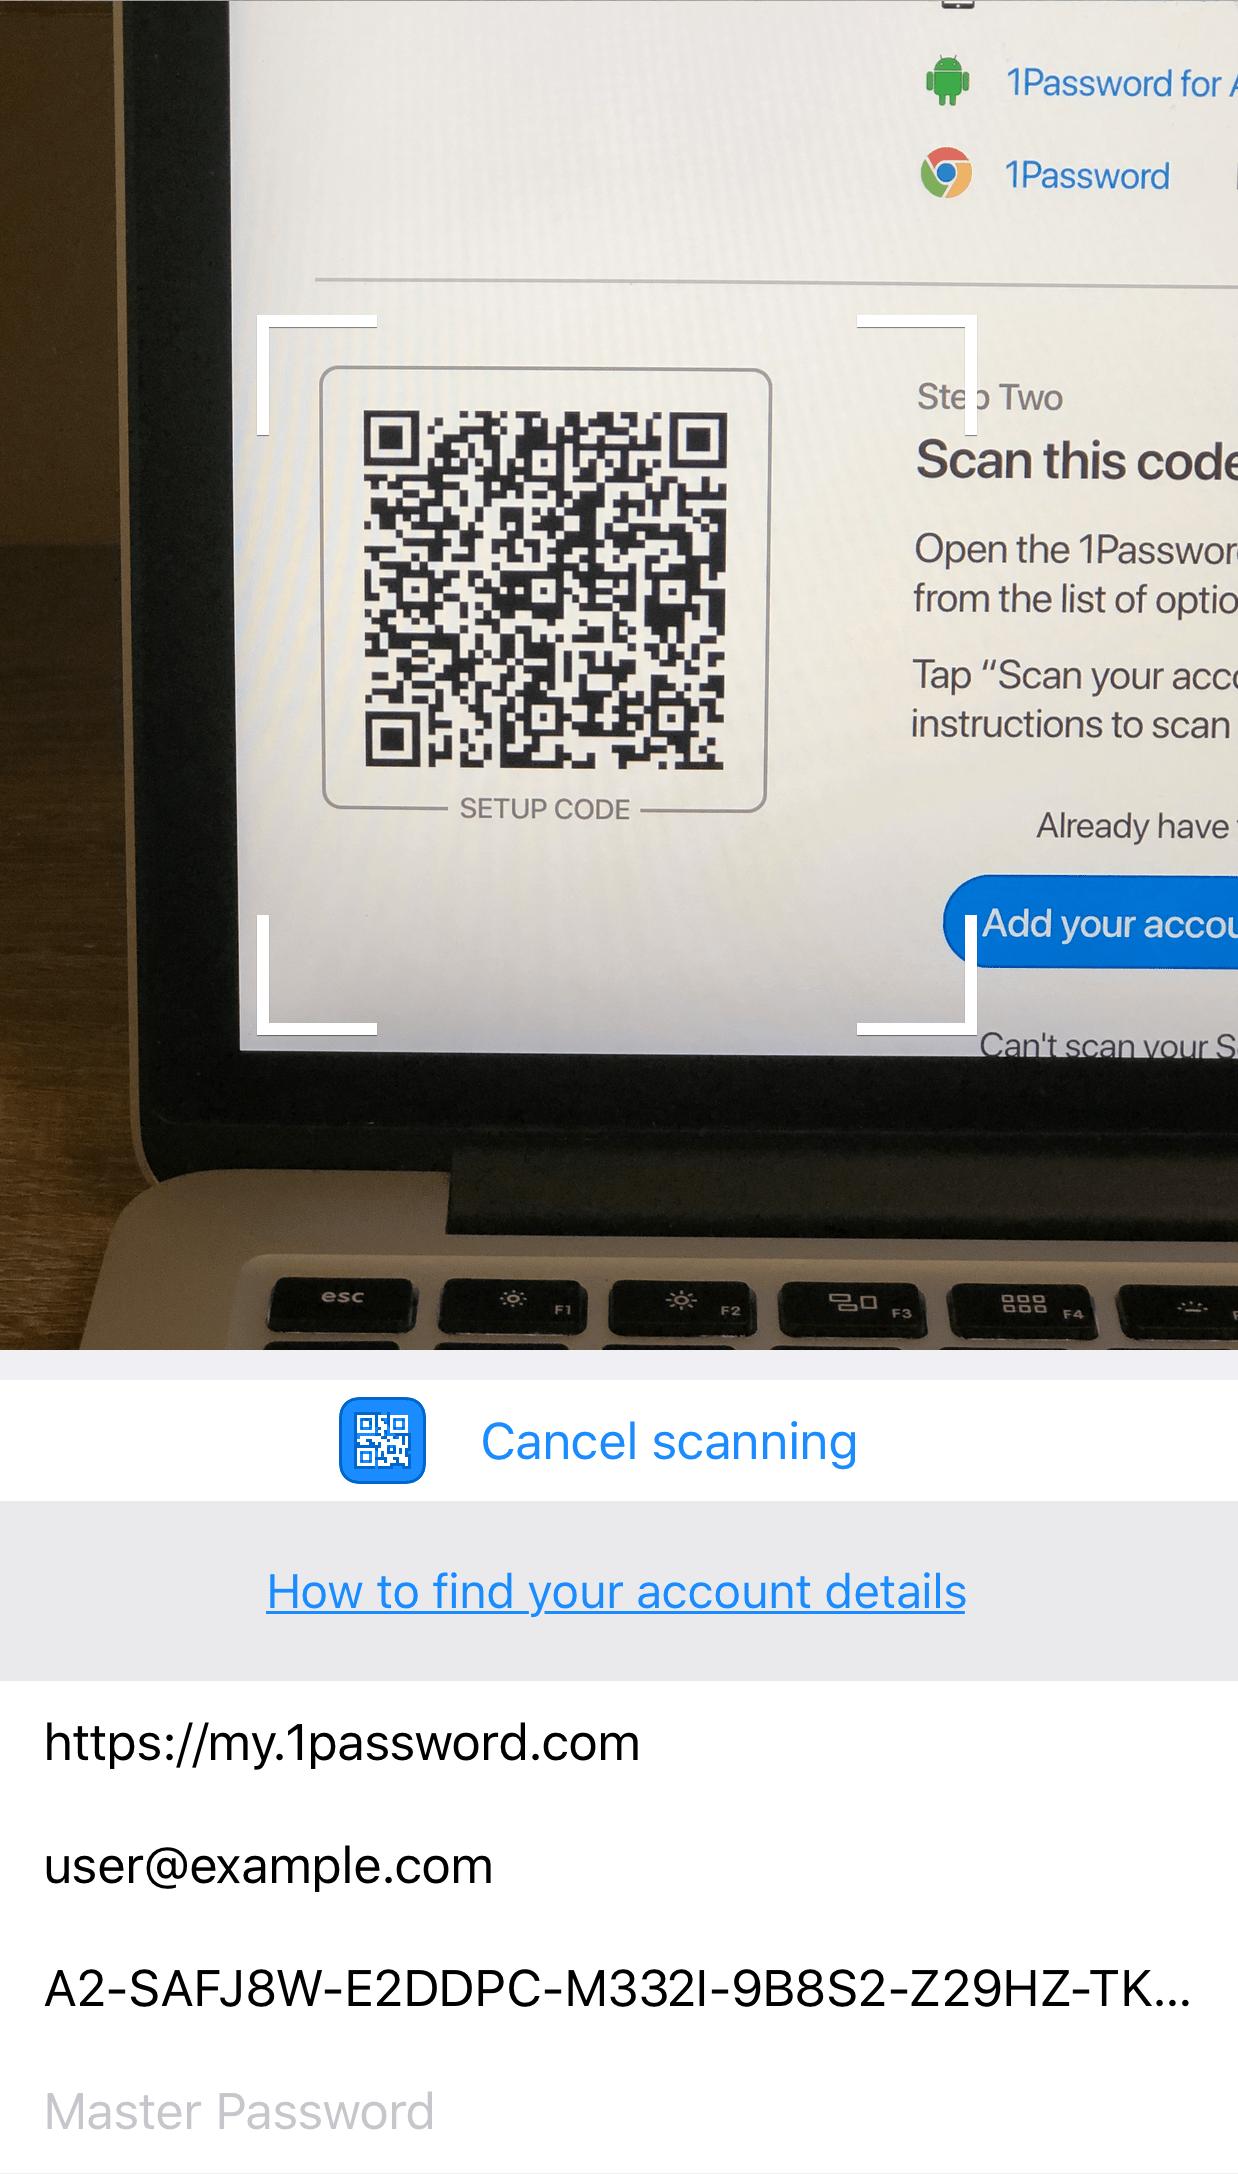 Encuentra tu Código de Configuración y sigue las instrucciones en pantalla para escanearlo.